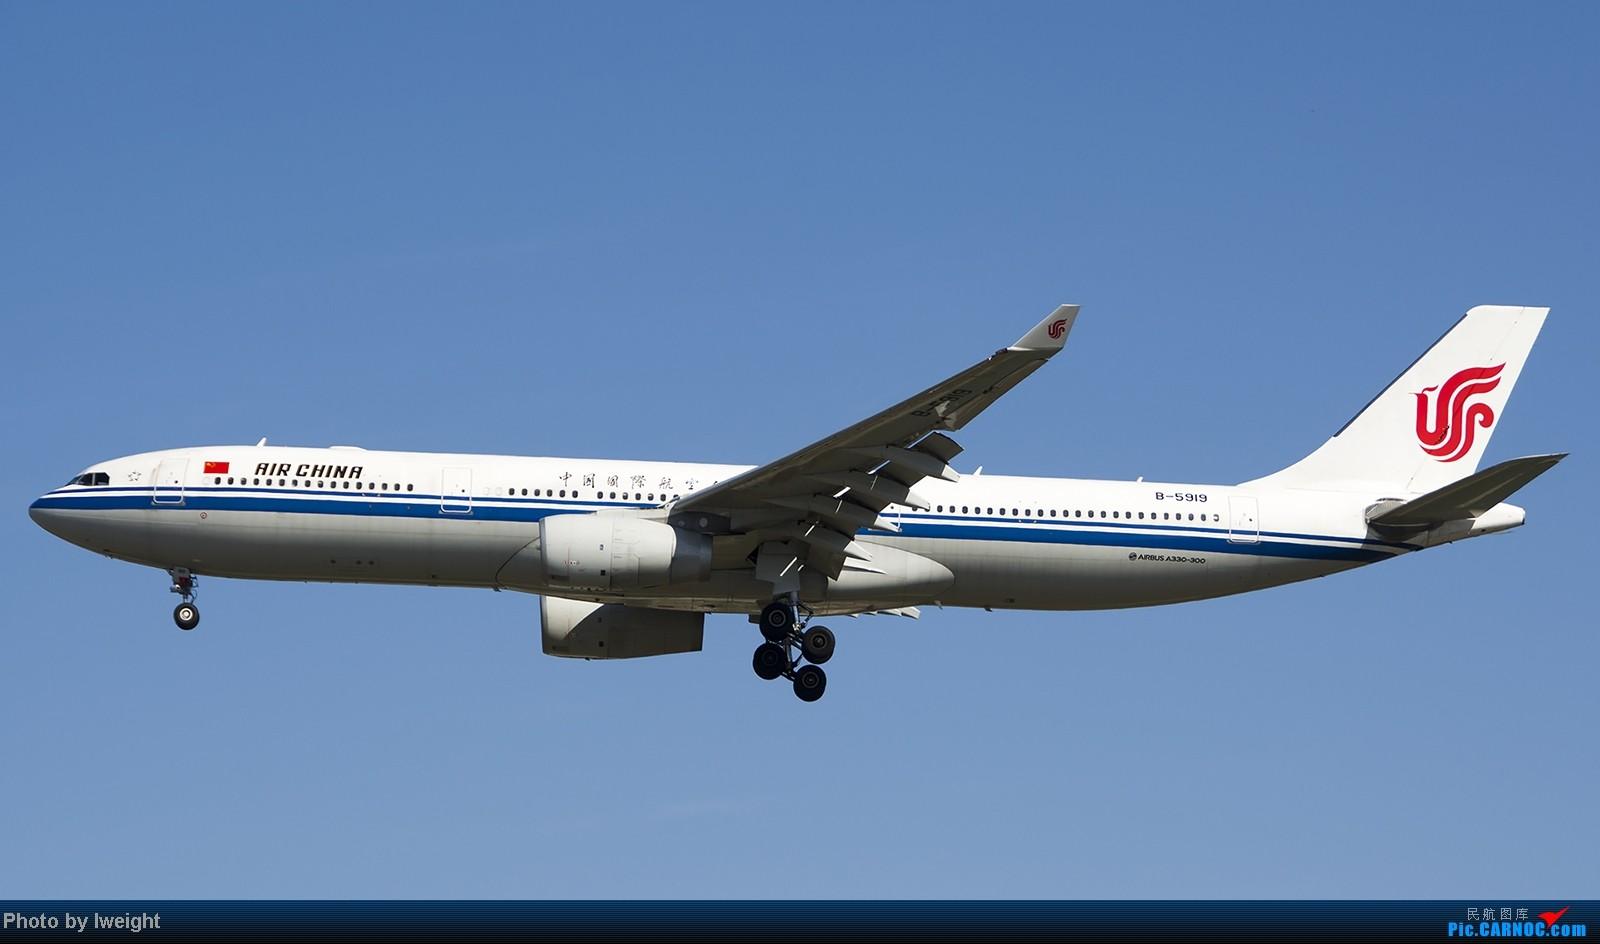 Re:[原创]难得赶上PEK周末好天气,各种常见机型都有收获 AIRBUS A330-300 B-5919 中国北京首都机场